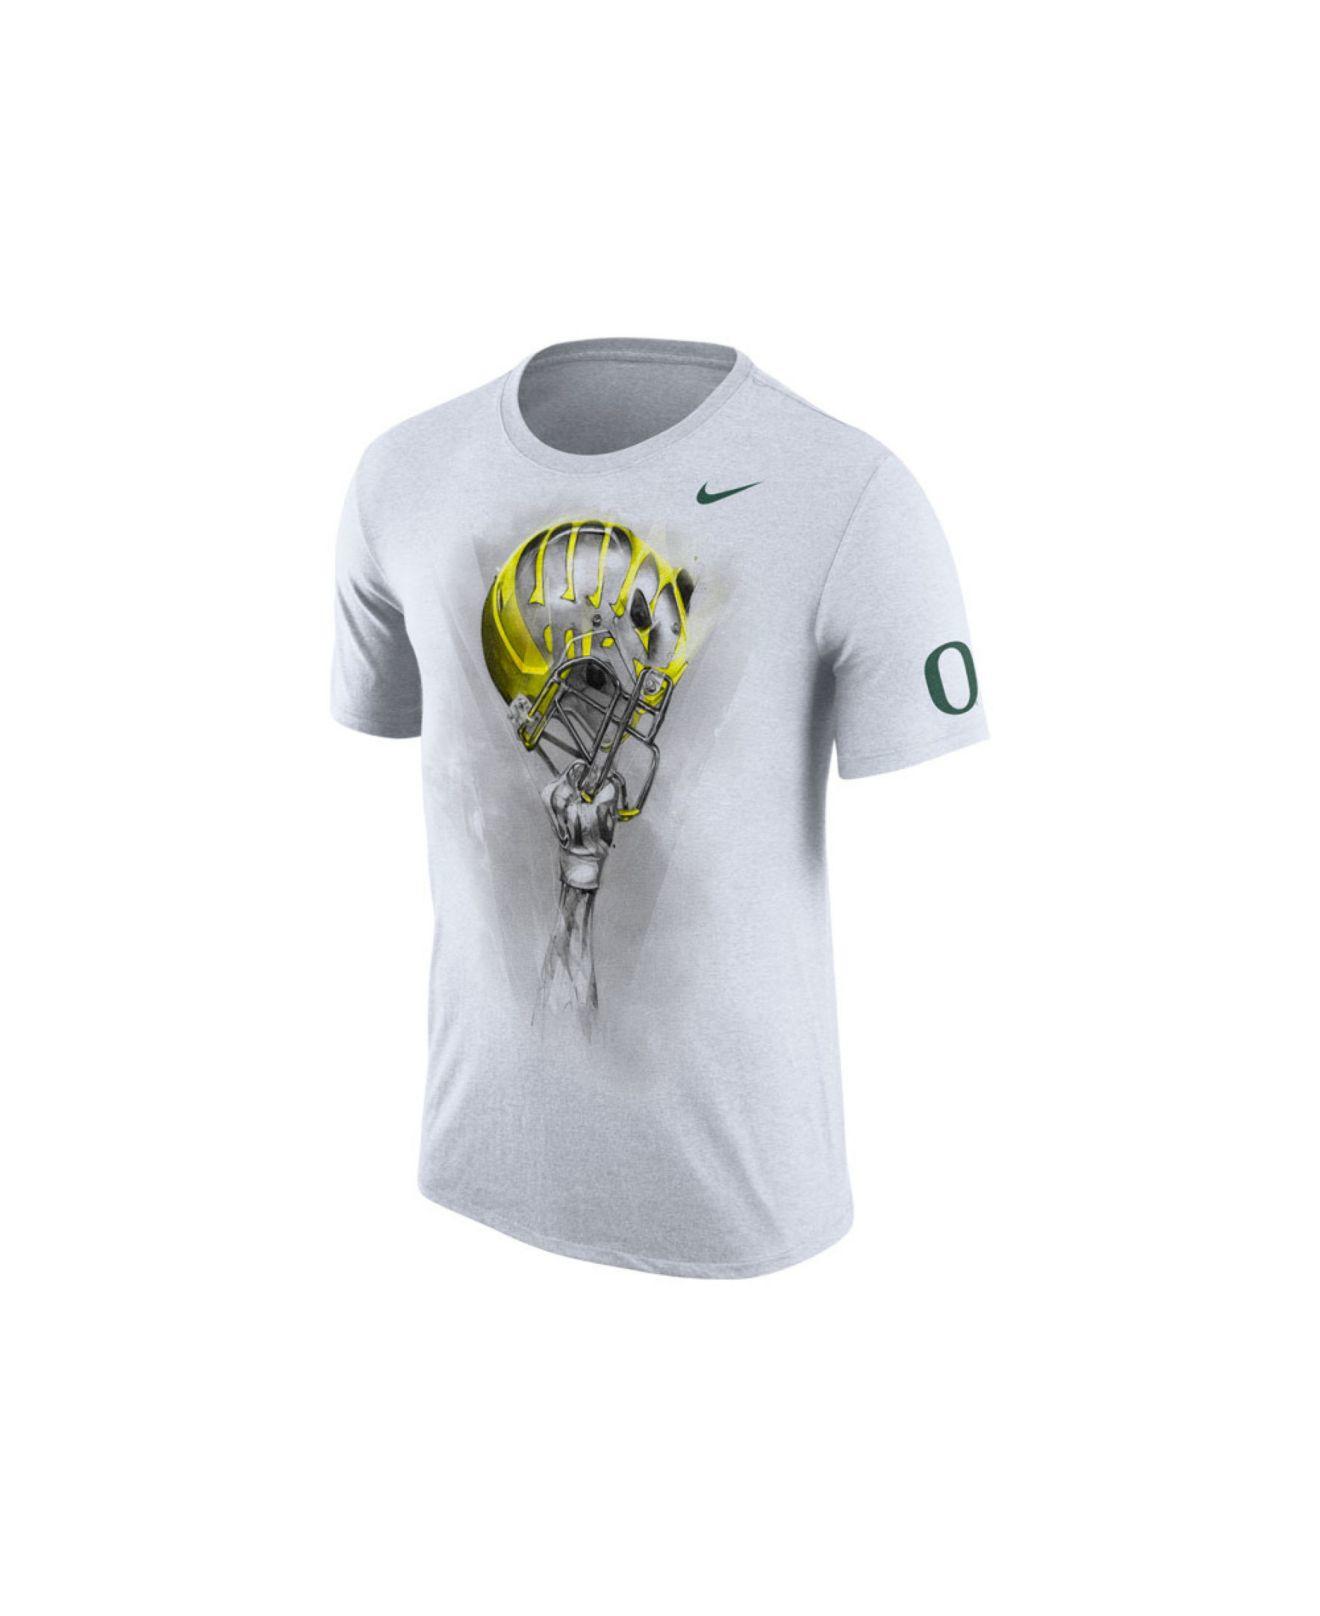 Lyst - Nike Men's Oregon Ducks Helmet T-shirt in White for Men